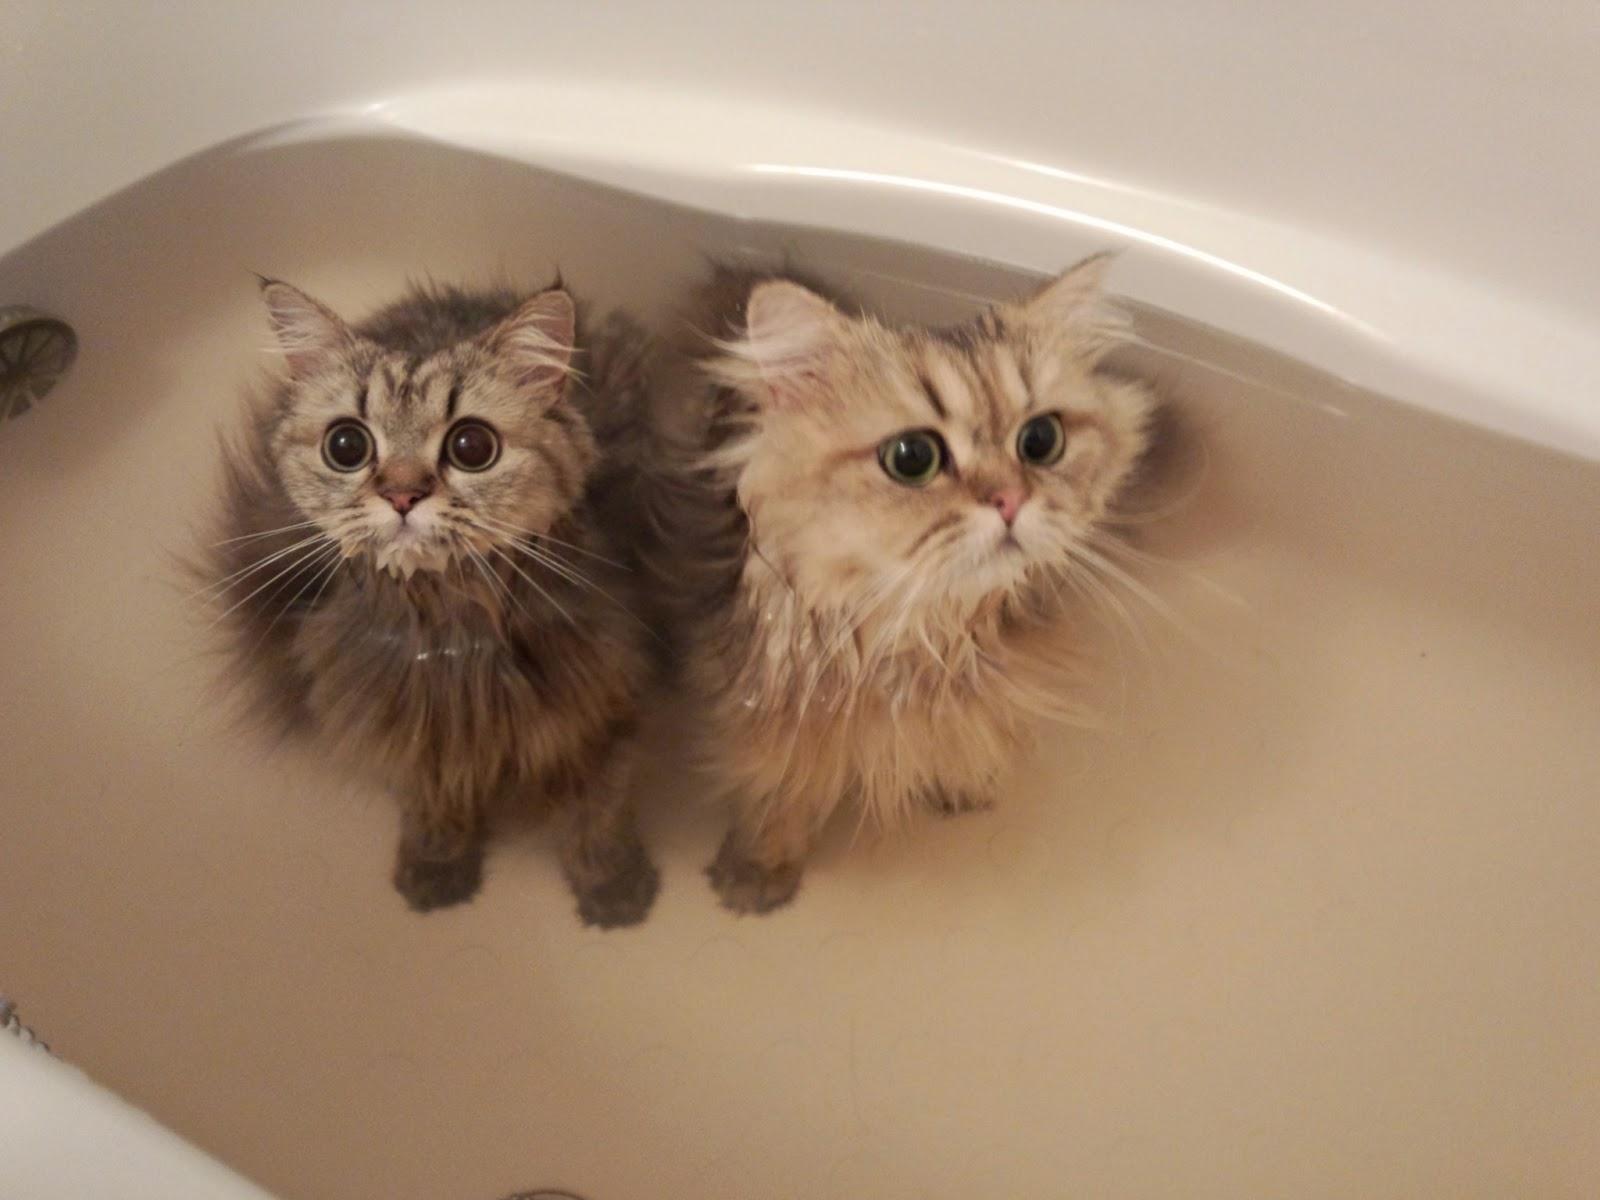 ... 猫の画像が可愛い 【お風呂猫